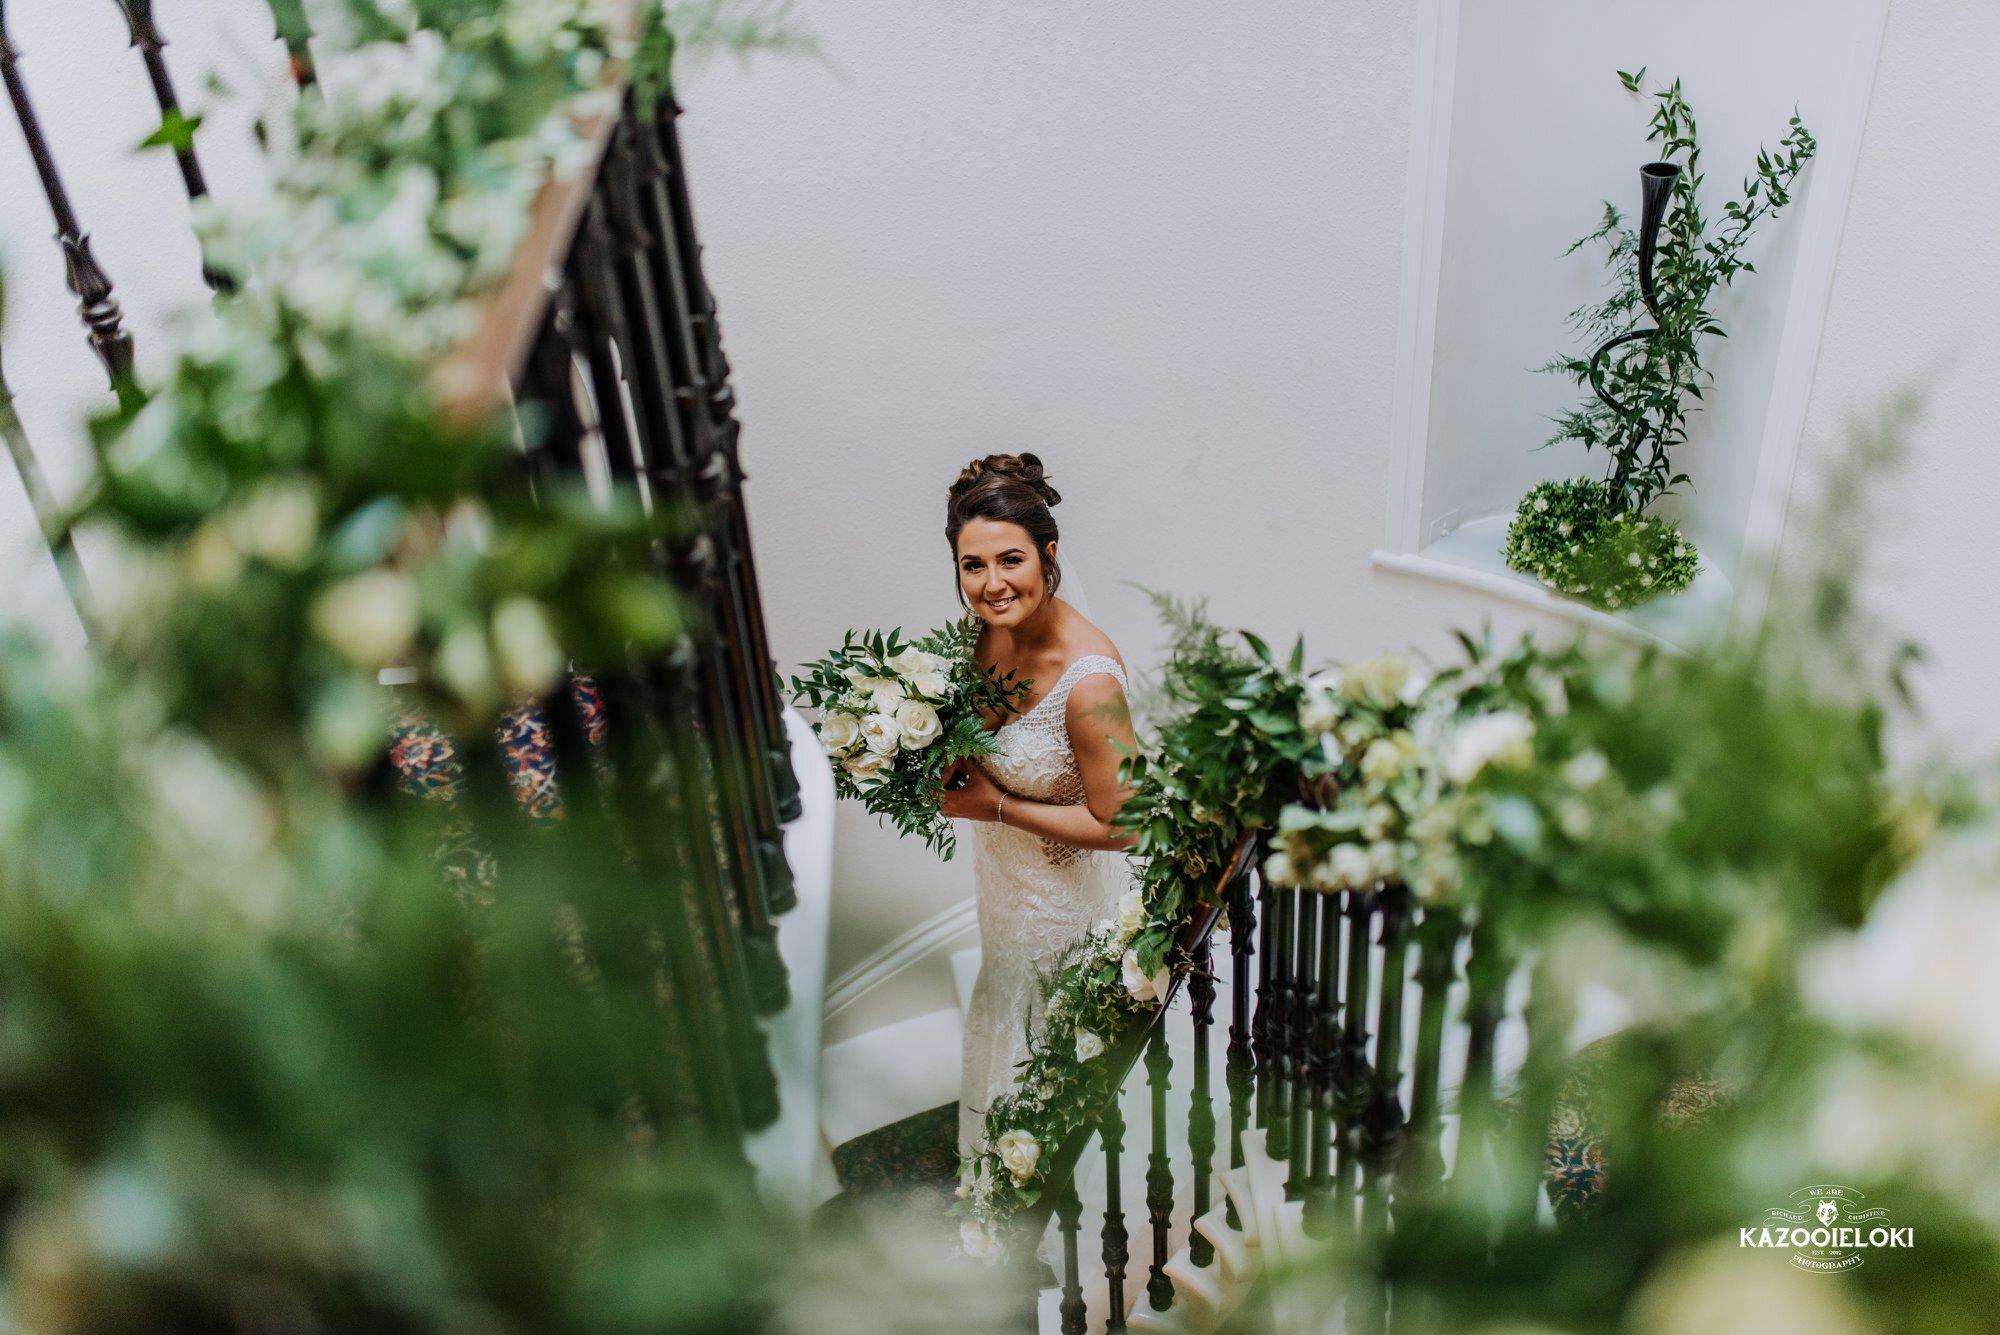 Victoria & Jack bride on stairs 2 (Kazooieloki).jpg